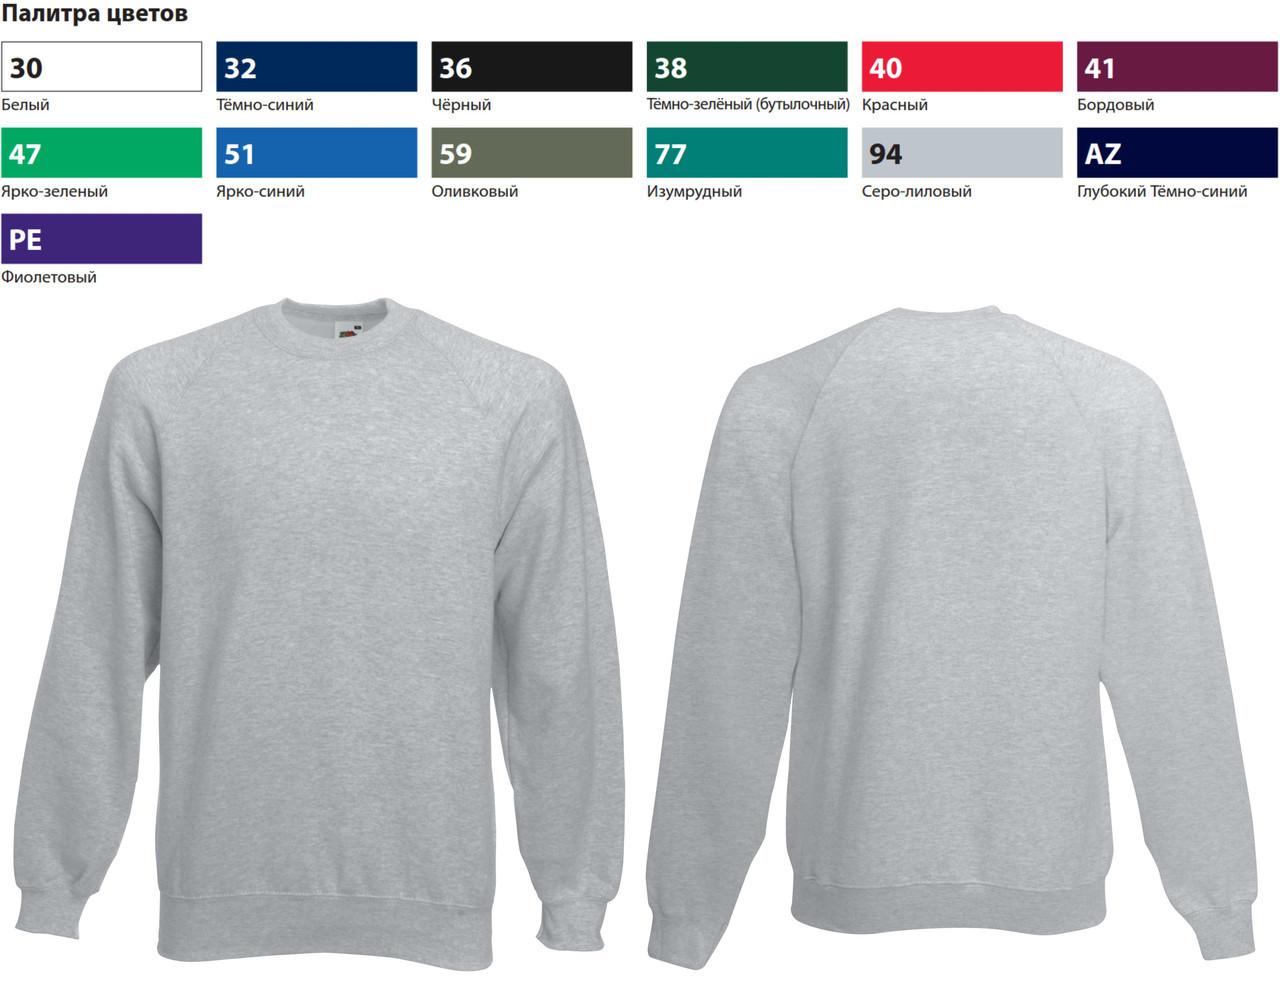 Толстовка мужская Classic Raglan Sweat, XL (52-54), Серо-лиловый